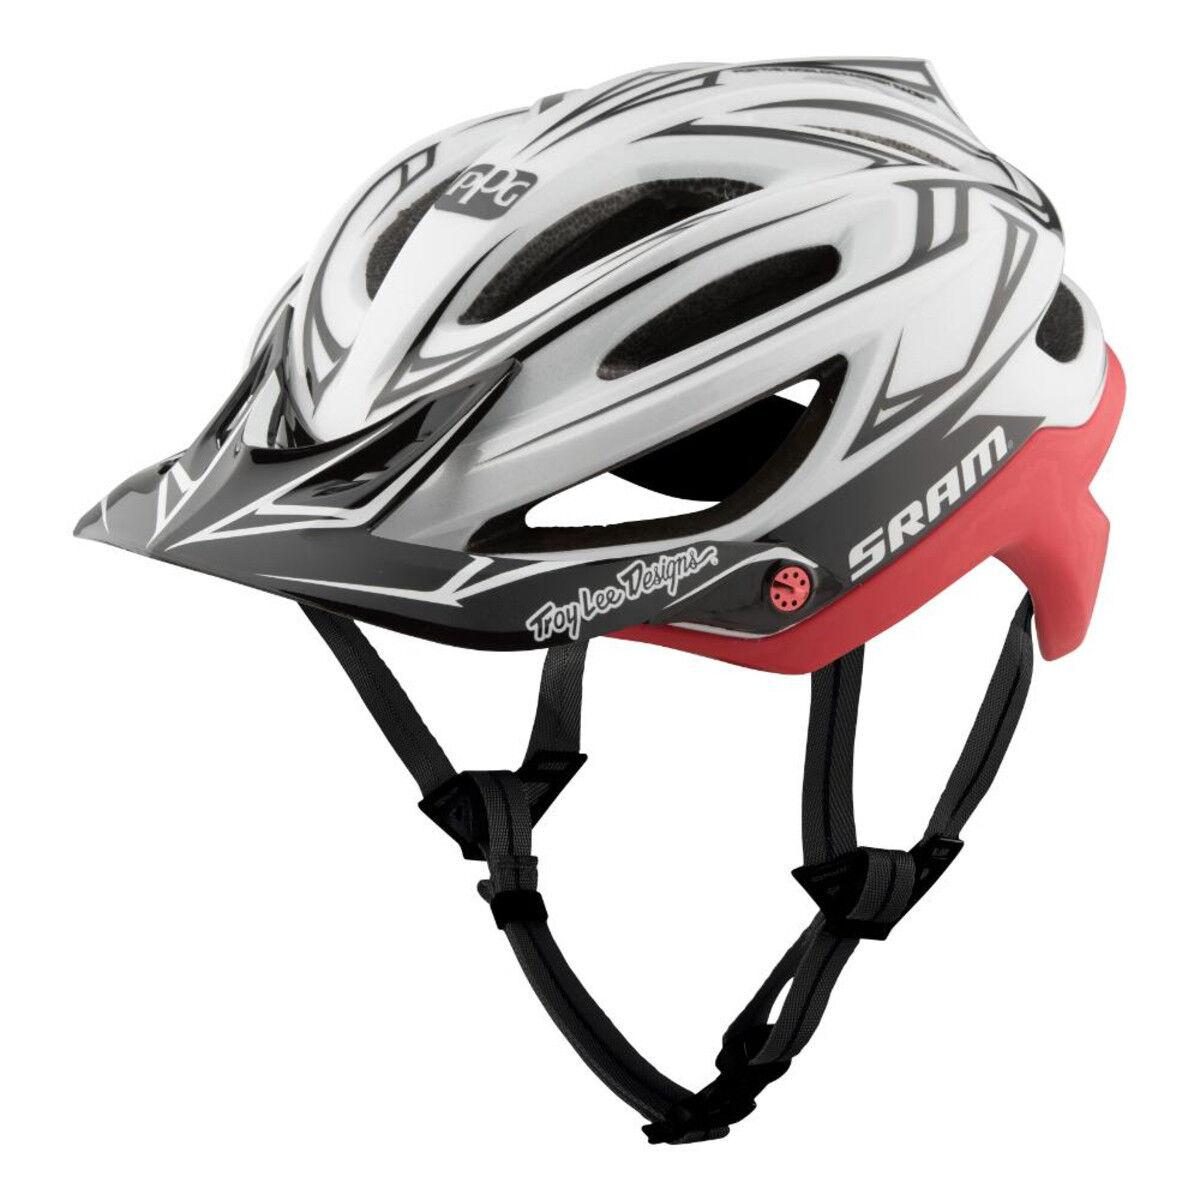 Troy Lee Diseños A2 casco de MIPS Sram Ltd 99.99 especial día del trabajo